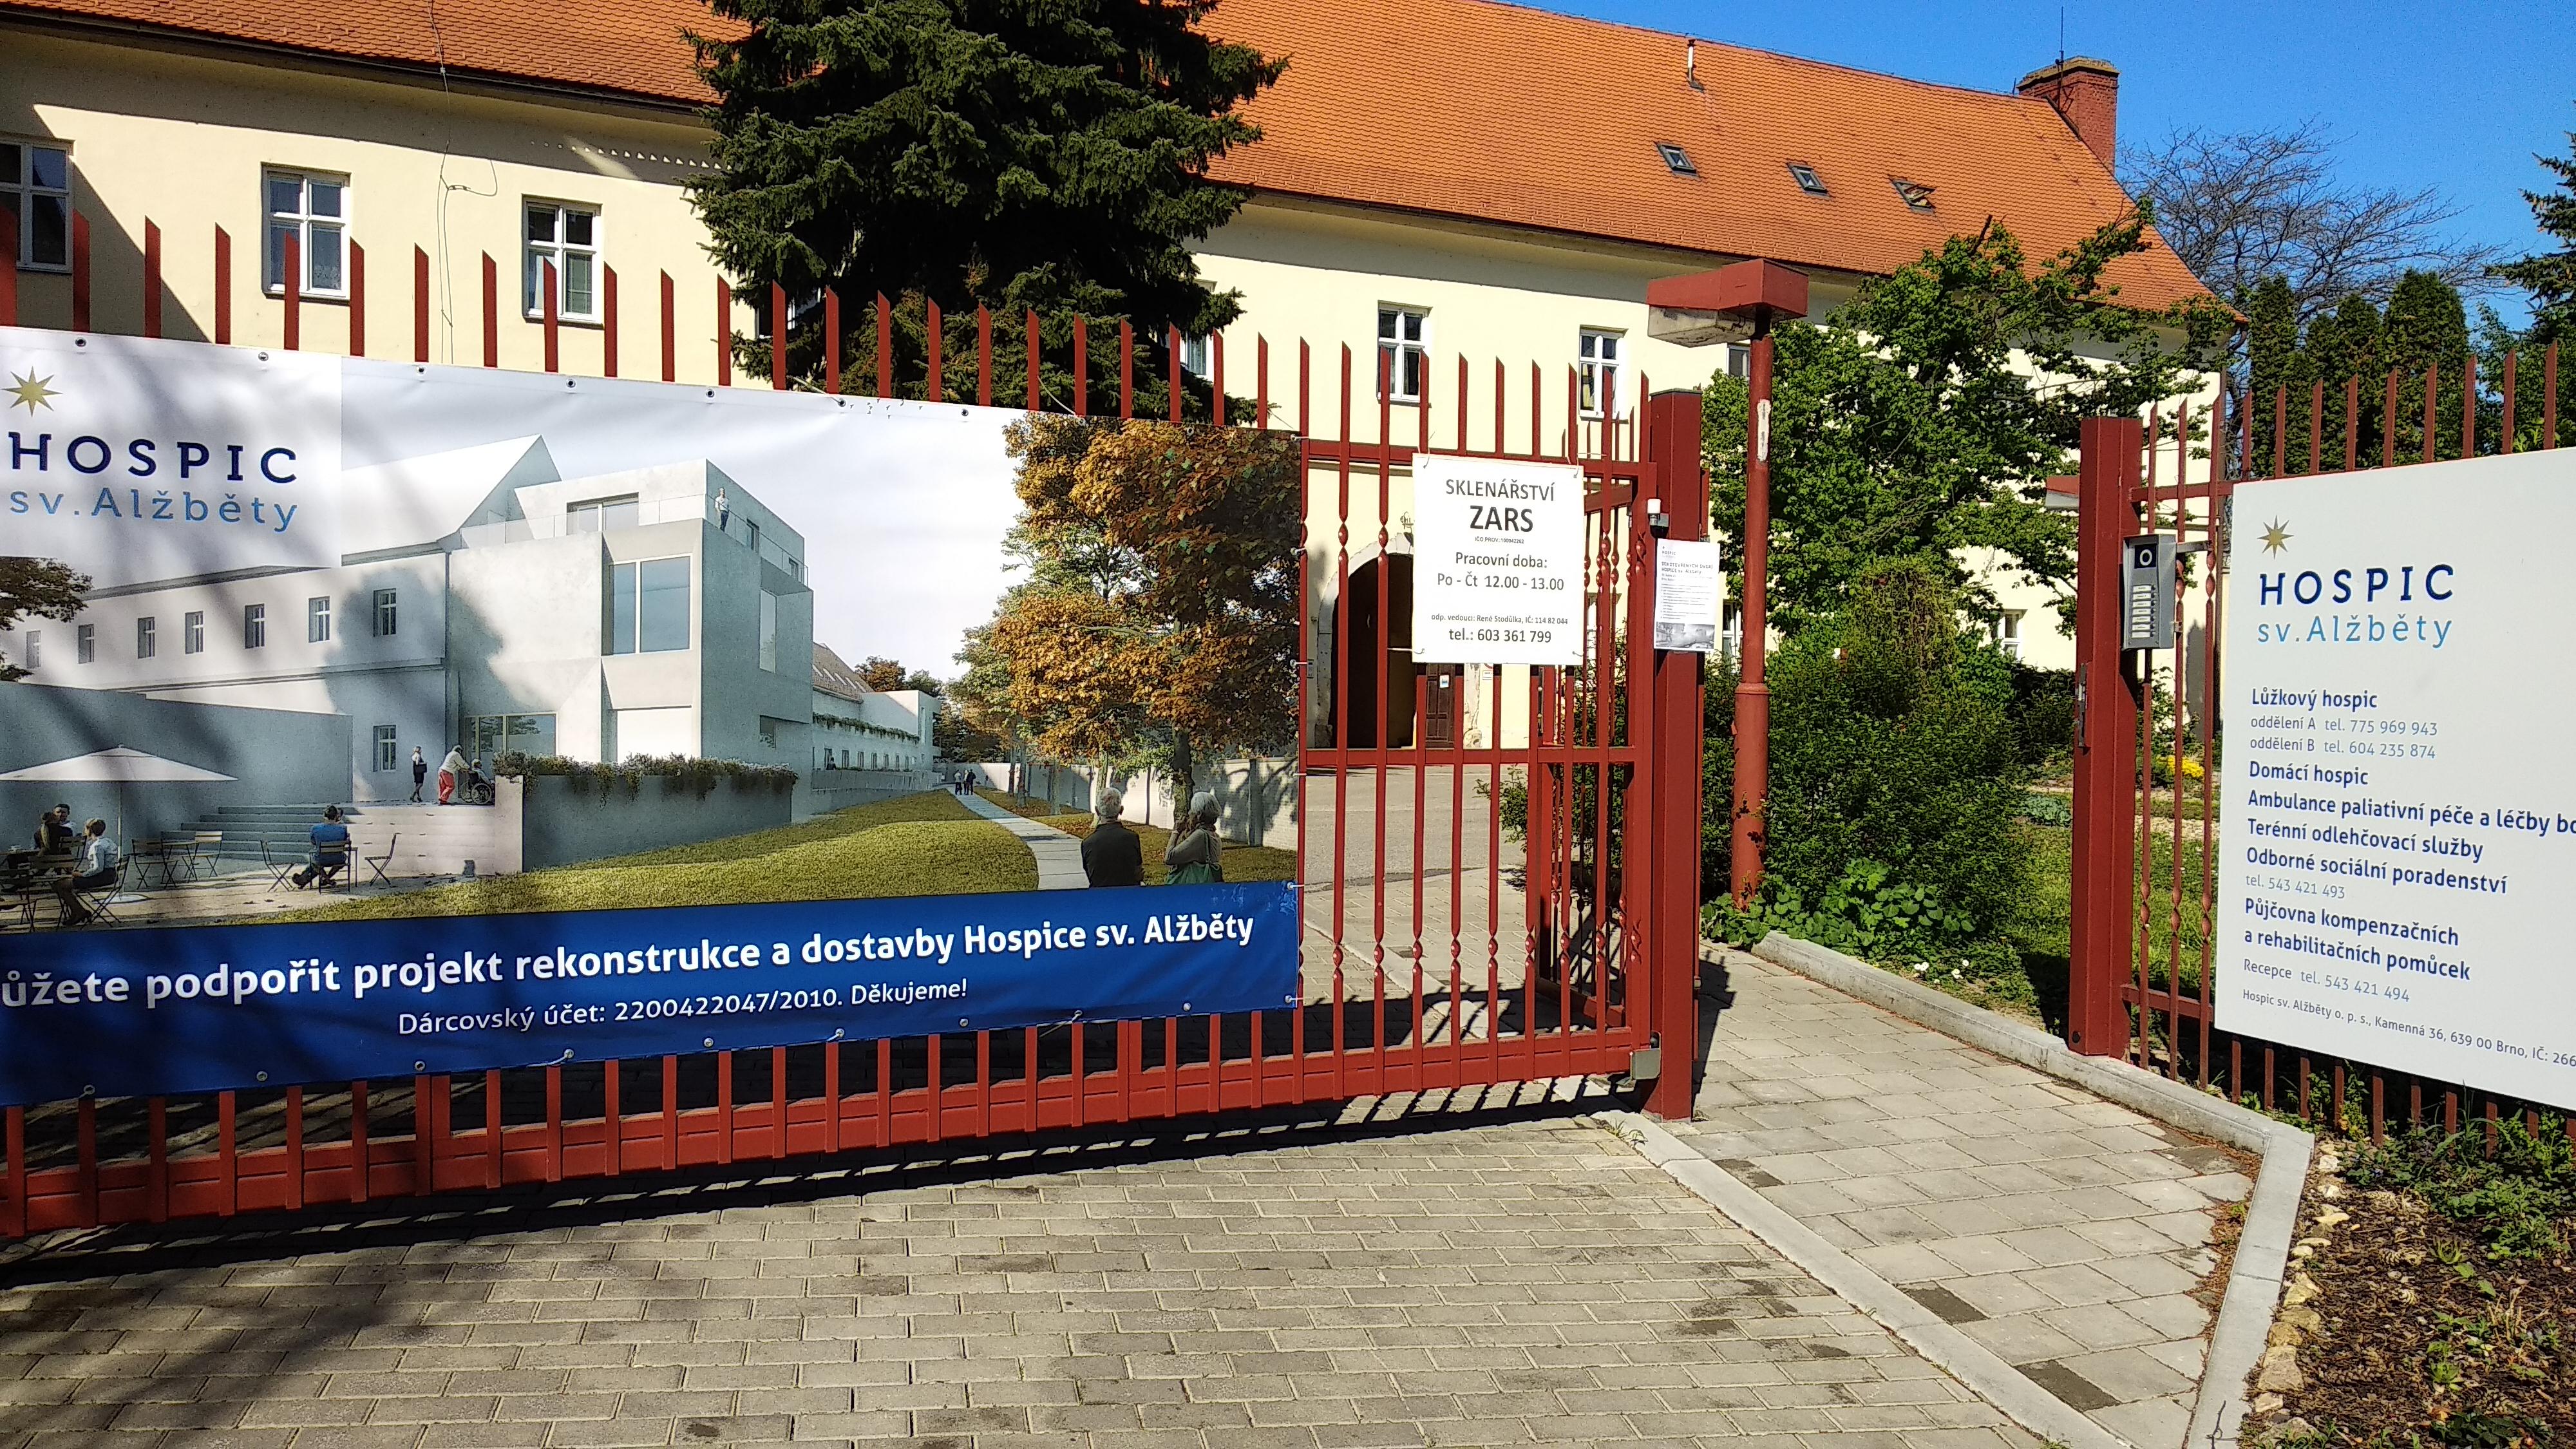 Hospic sv. Alžběty | foto: Kristýna Sklenářová